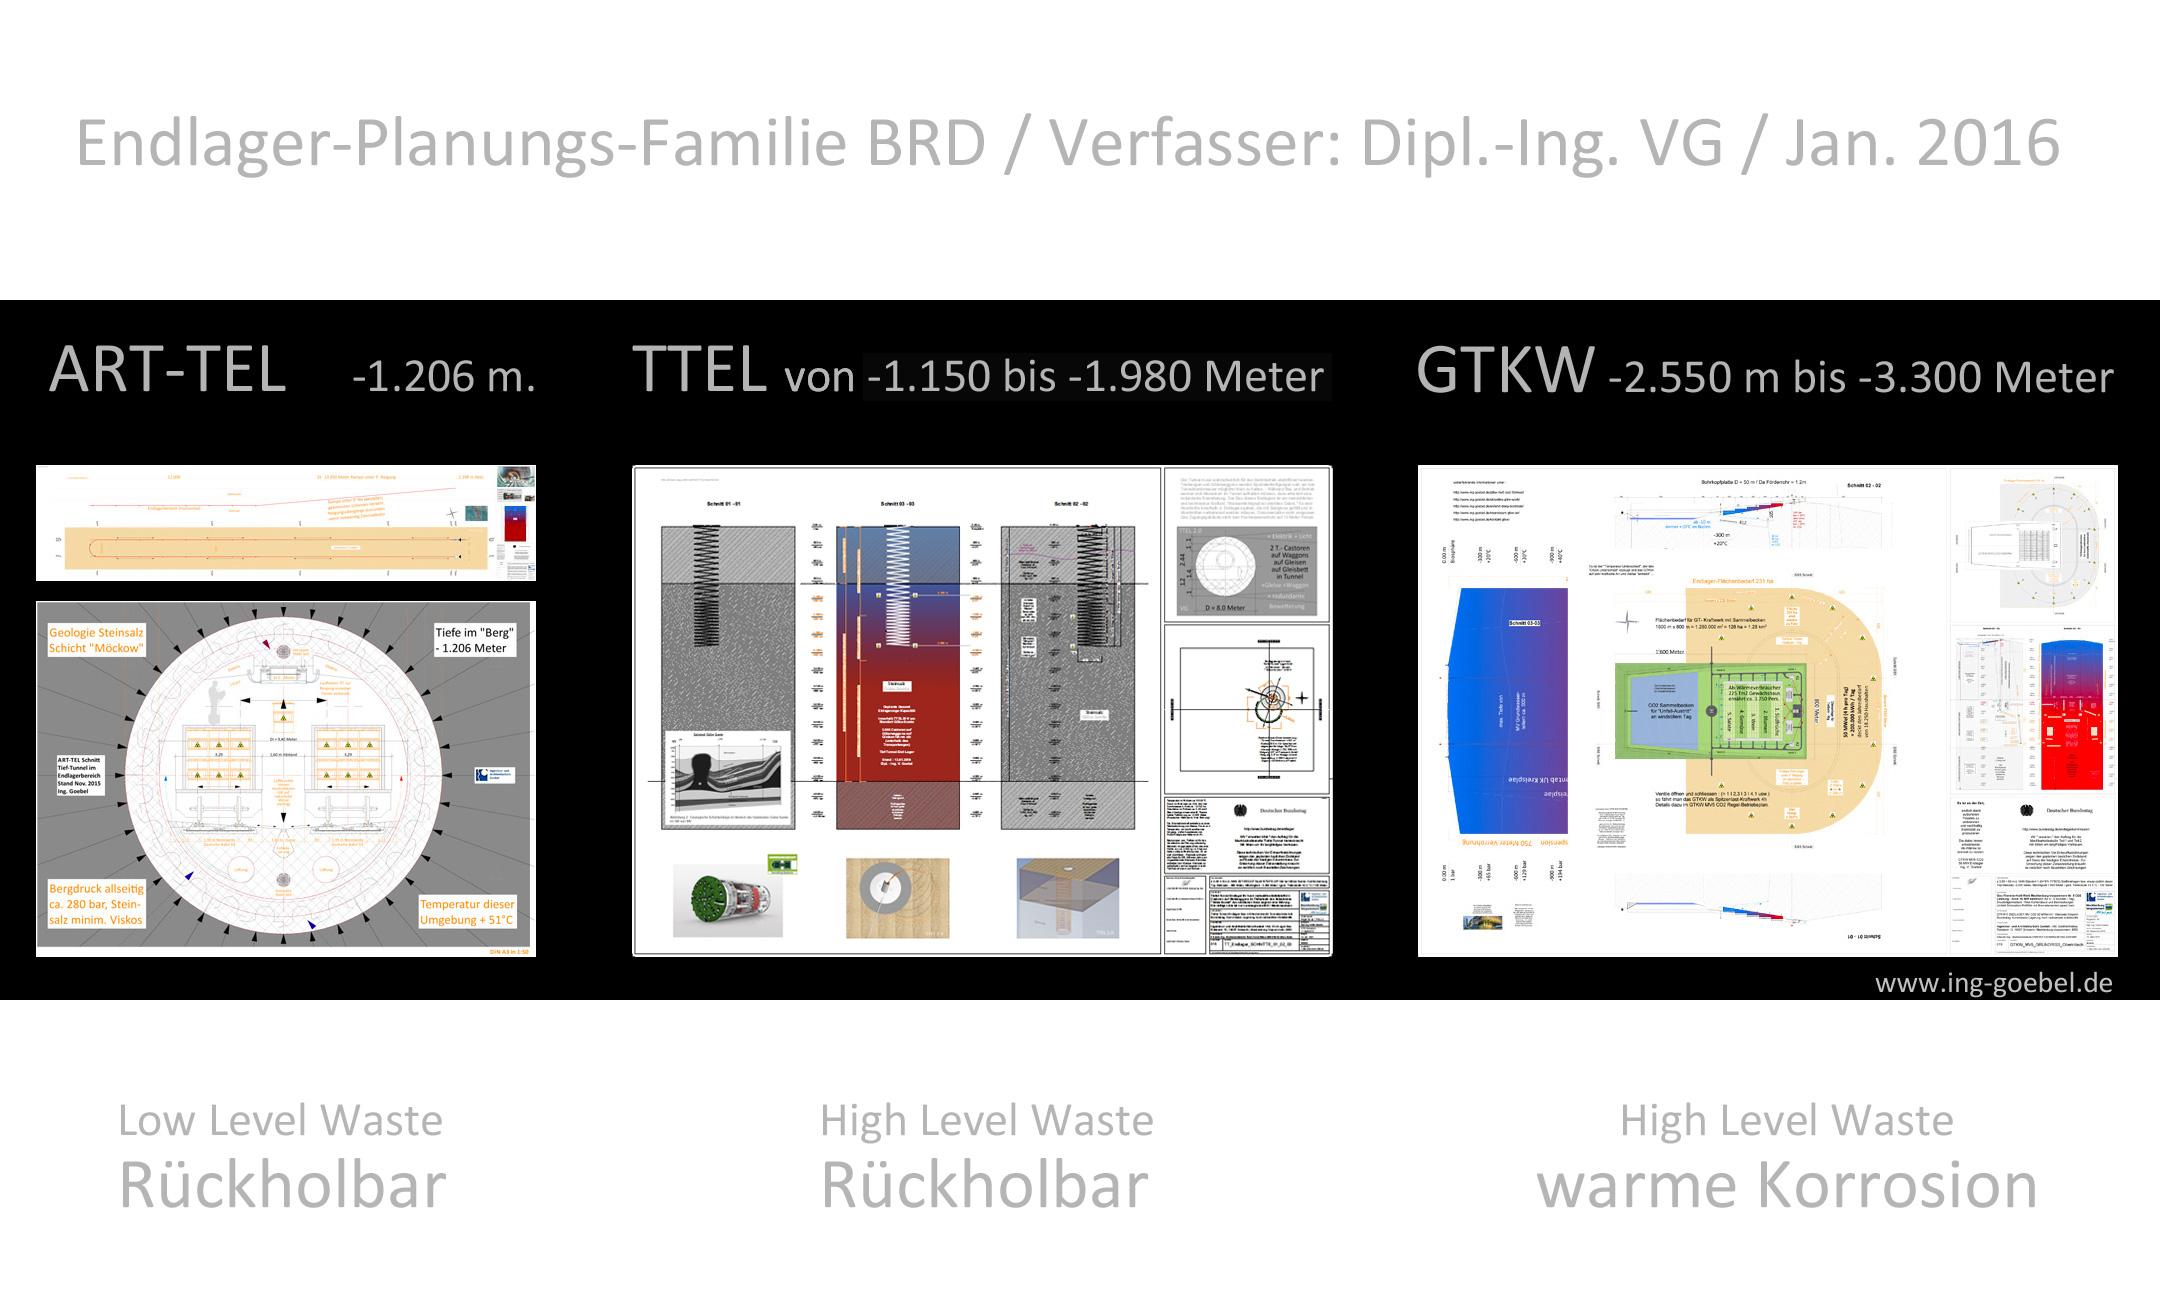 Titelbild_Endlager_Familie_Deutschland_ART-TEL_TTEL_GTKW_Dipl-Ing_Volker_Goebel_Endlager_Fachplaner.jpg